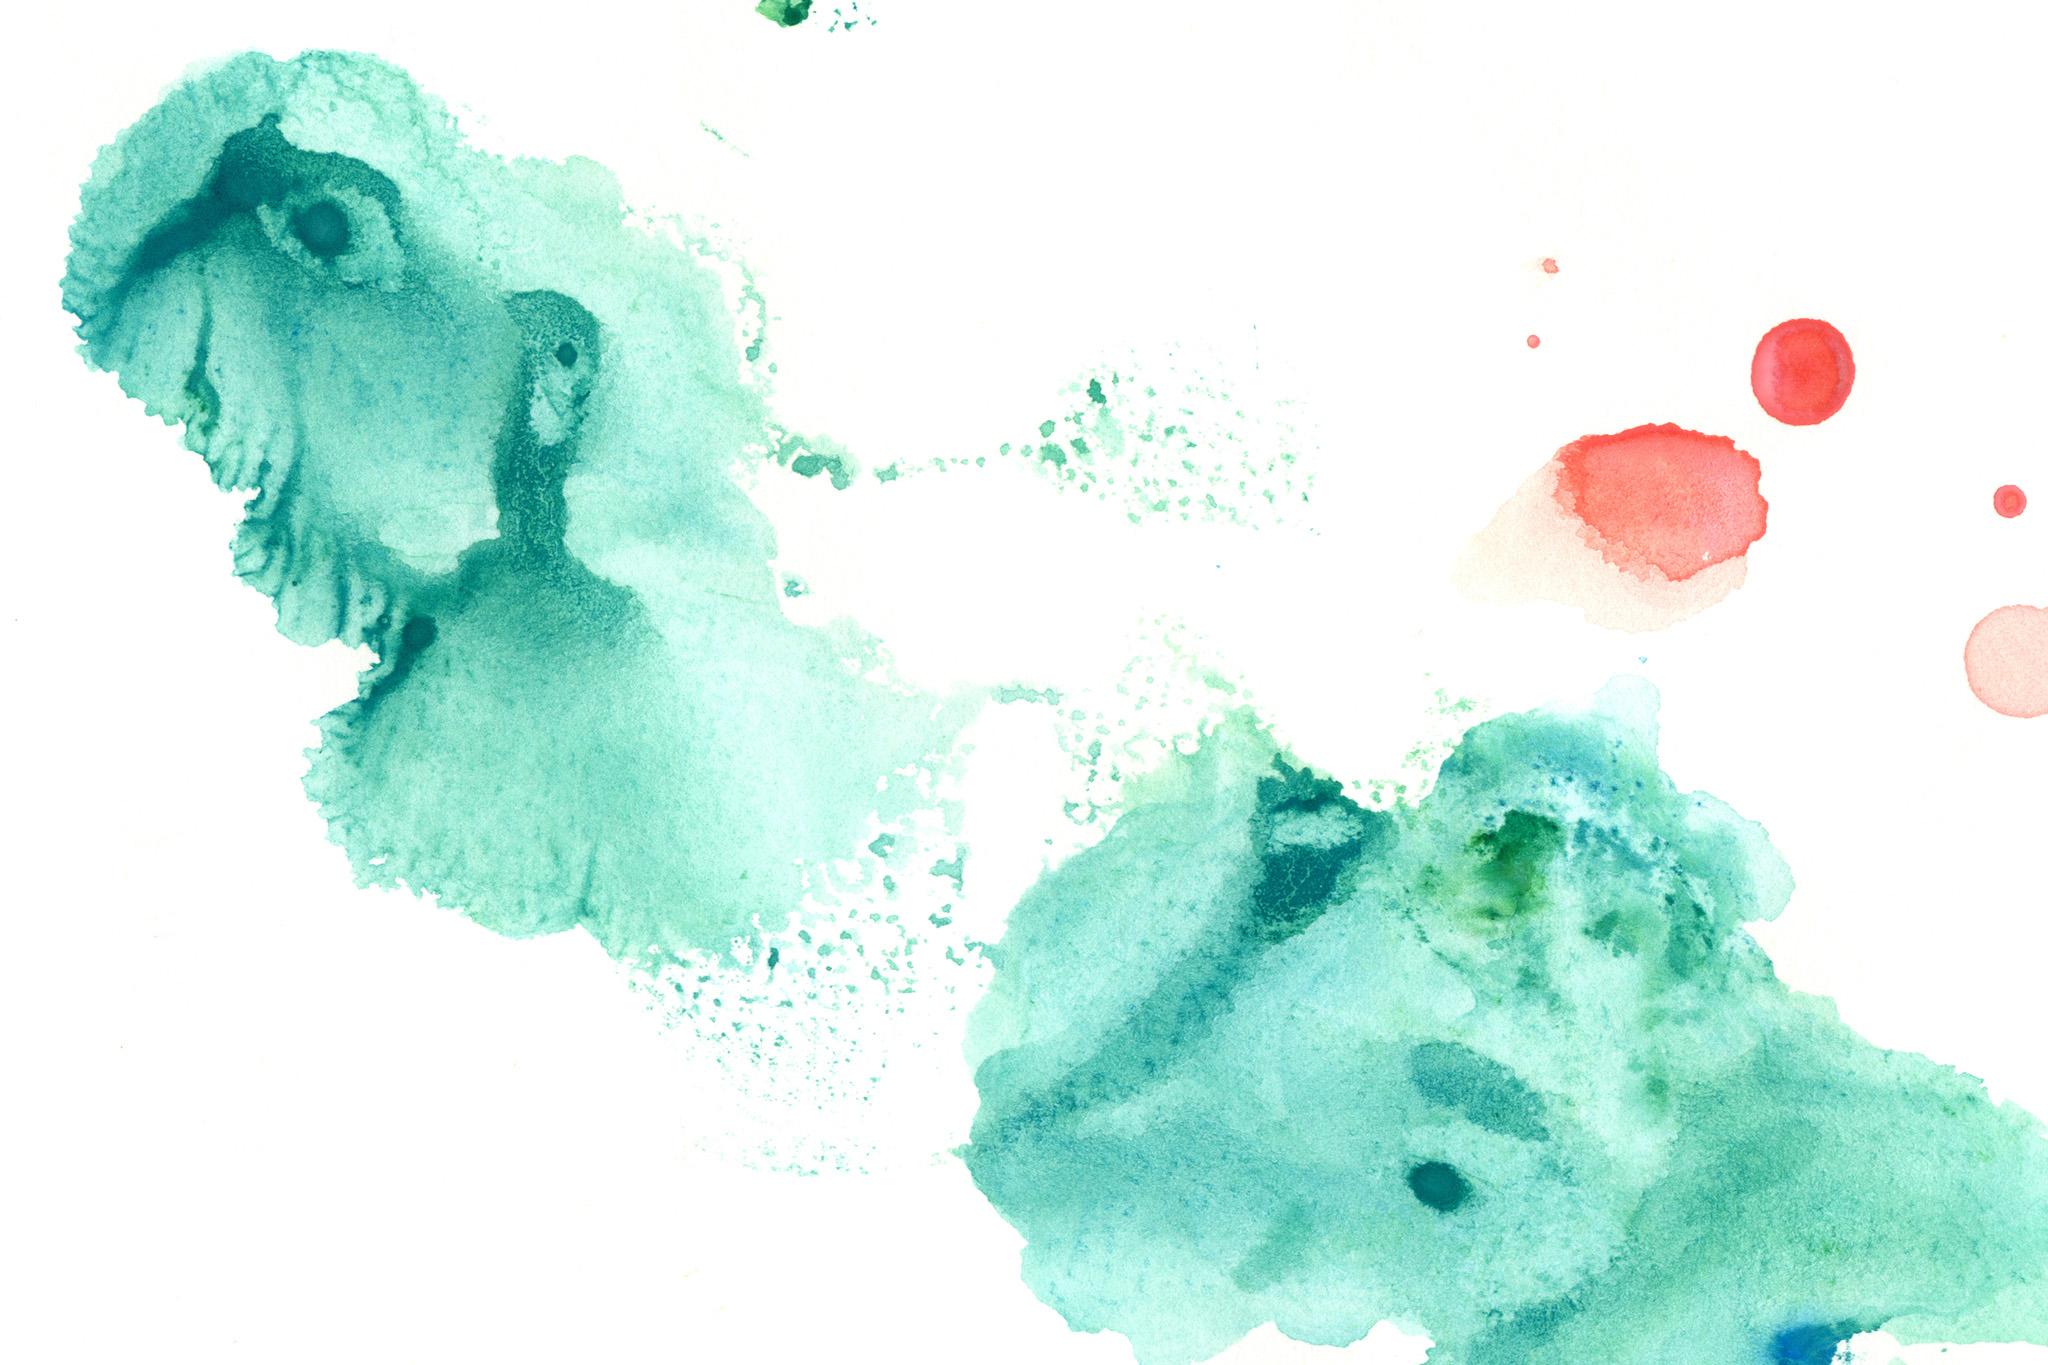 「緑と赤のにじむ水彩模様」